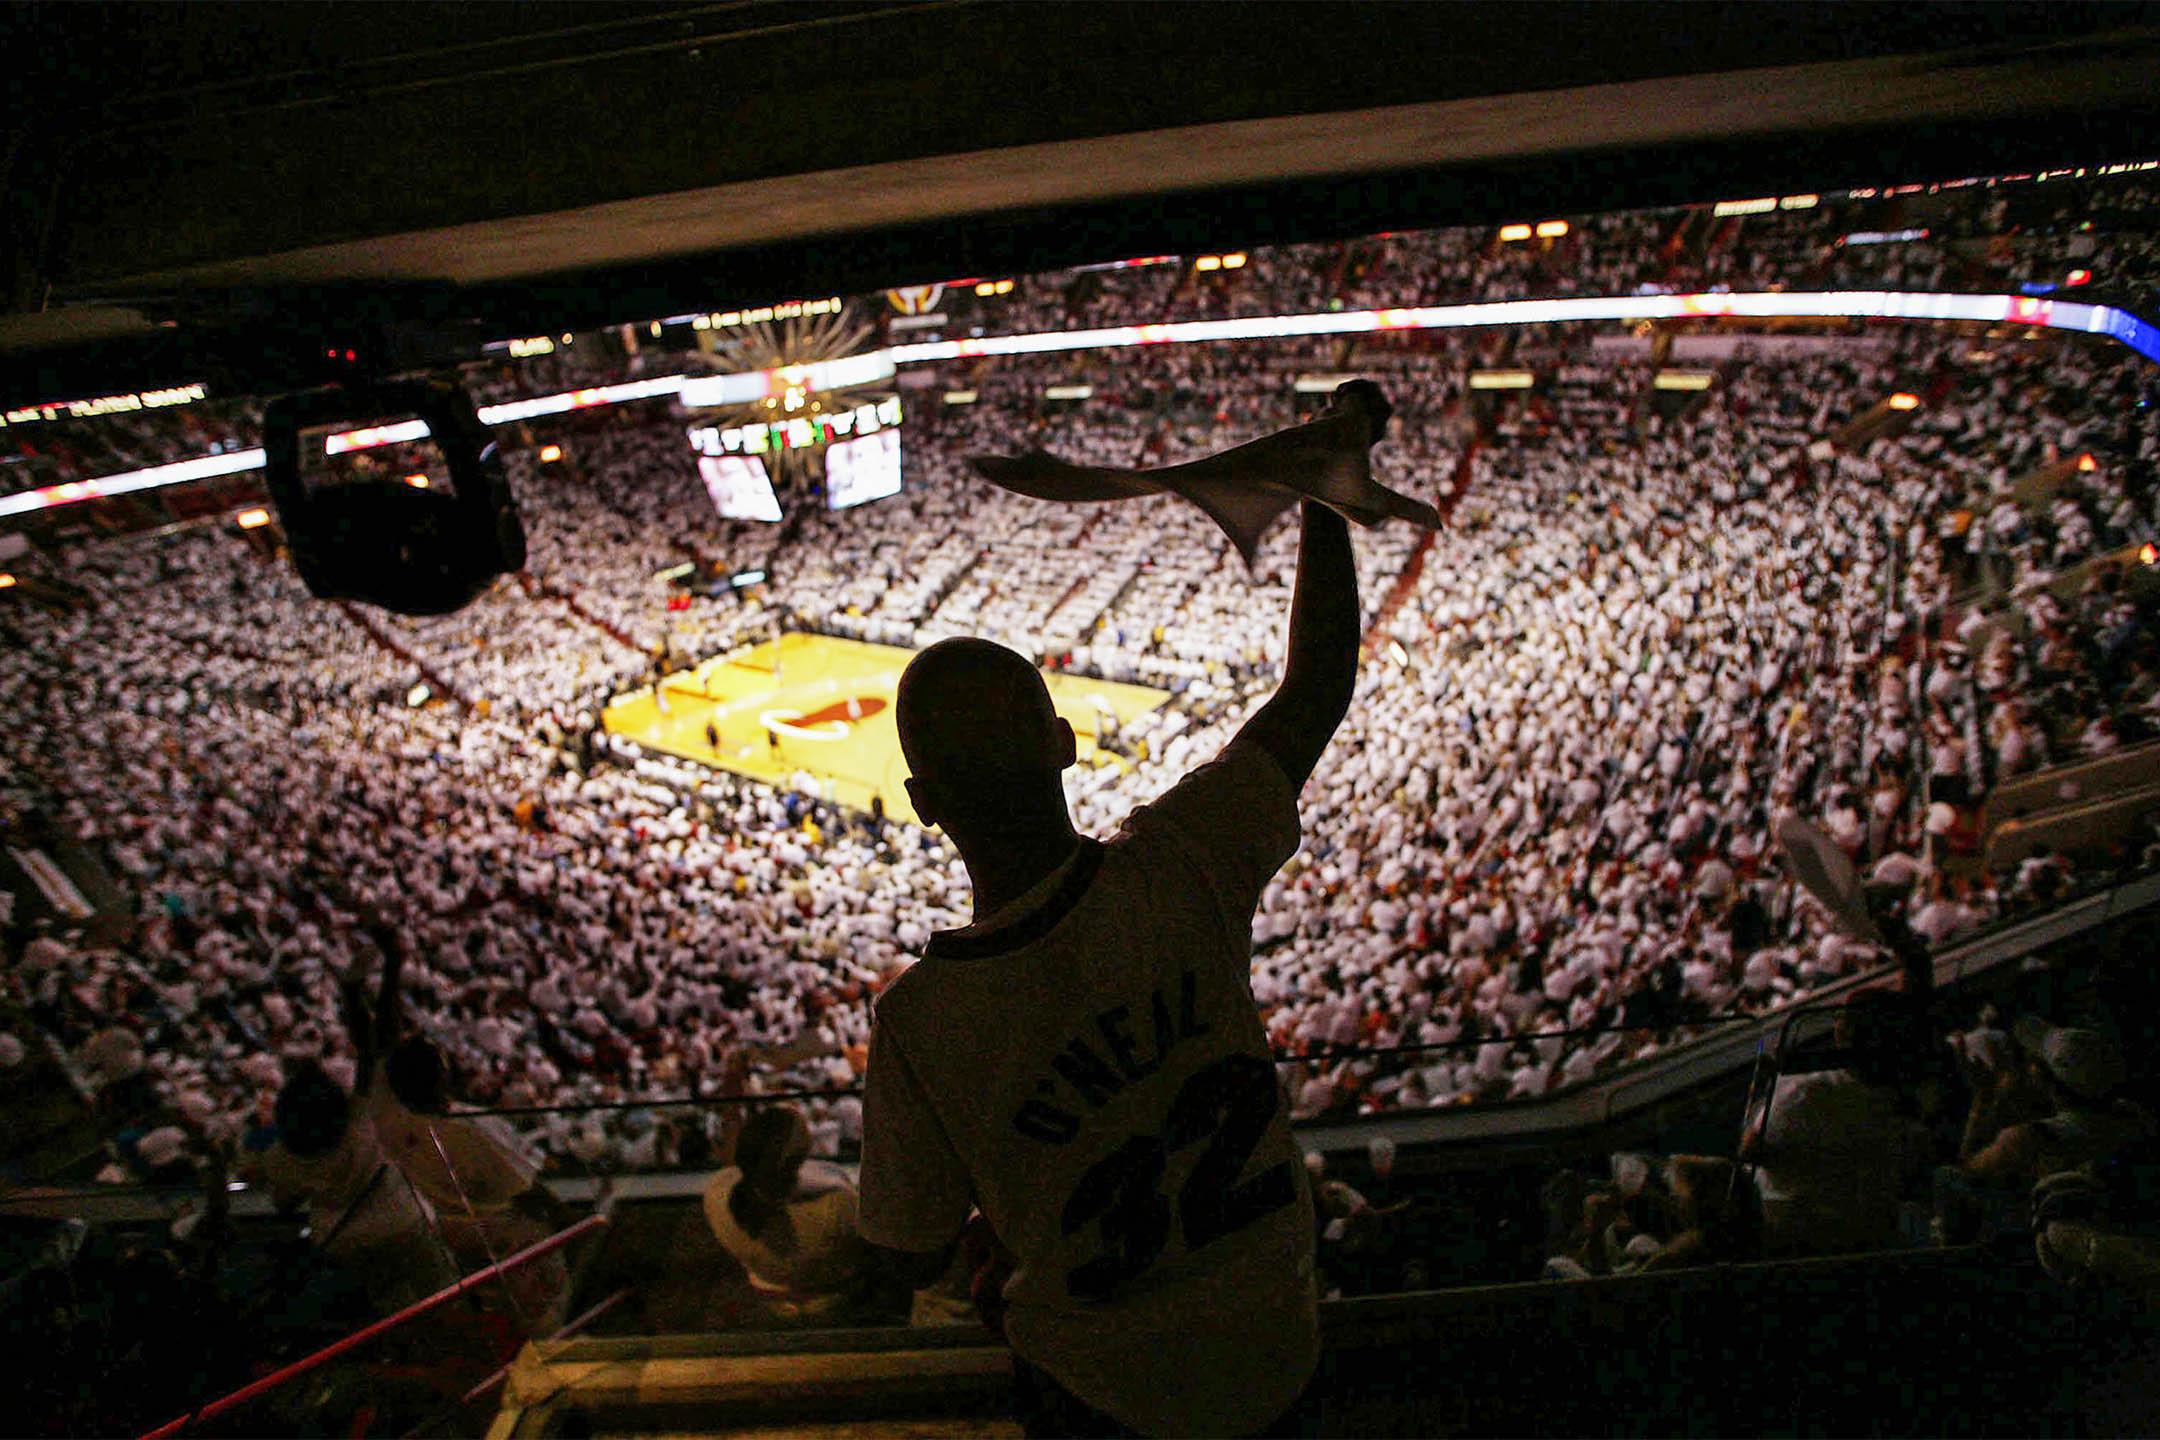 2006年5月10日佛羅里達州邁阿密,邁阿密熱火球迷為他的球隊加油打氣,在邁阿密競技場舉行的NBA季后賽中。 攝:Eliot J. Schechter/Getty Images